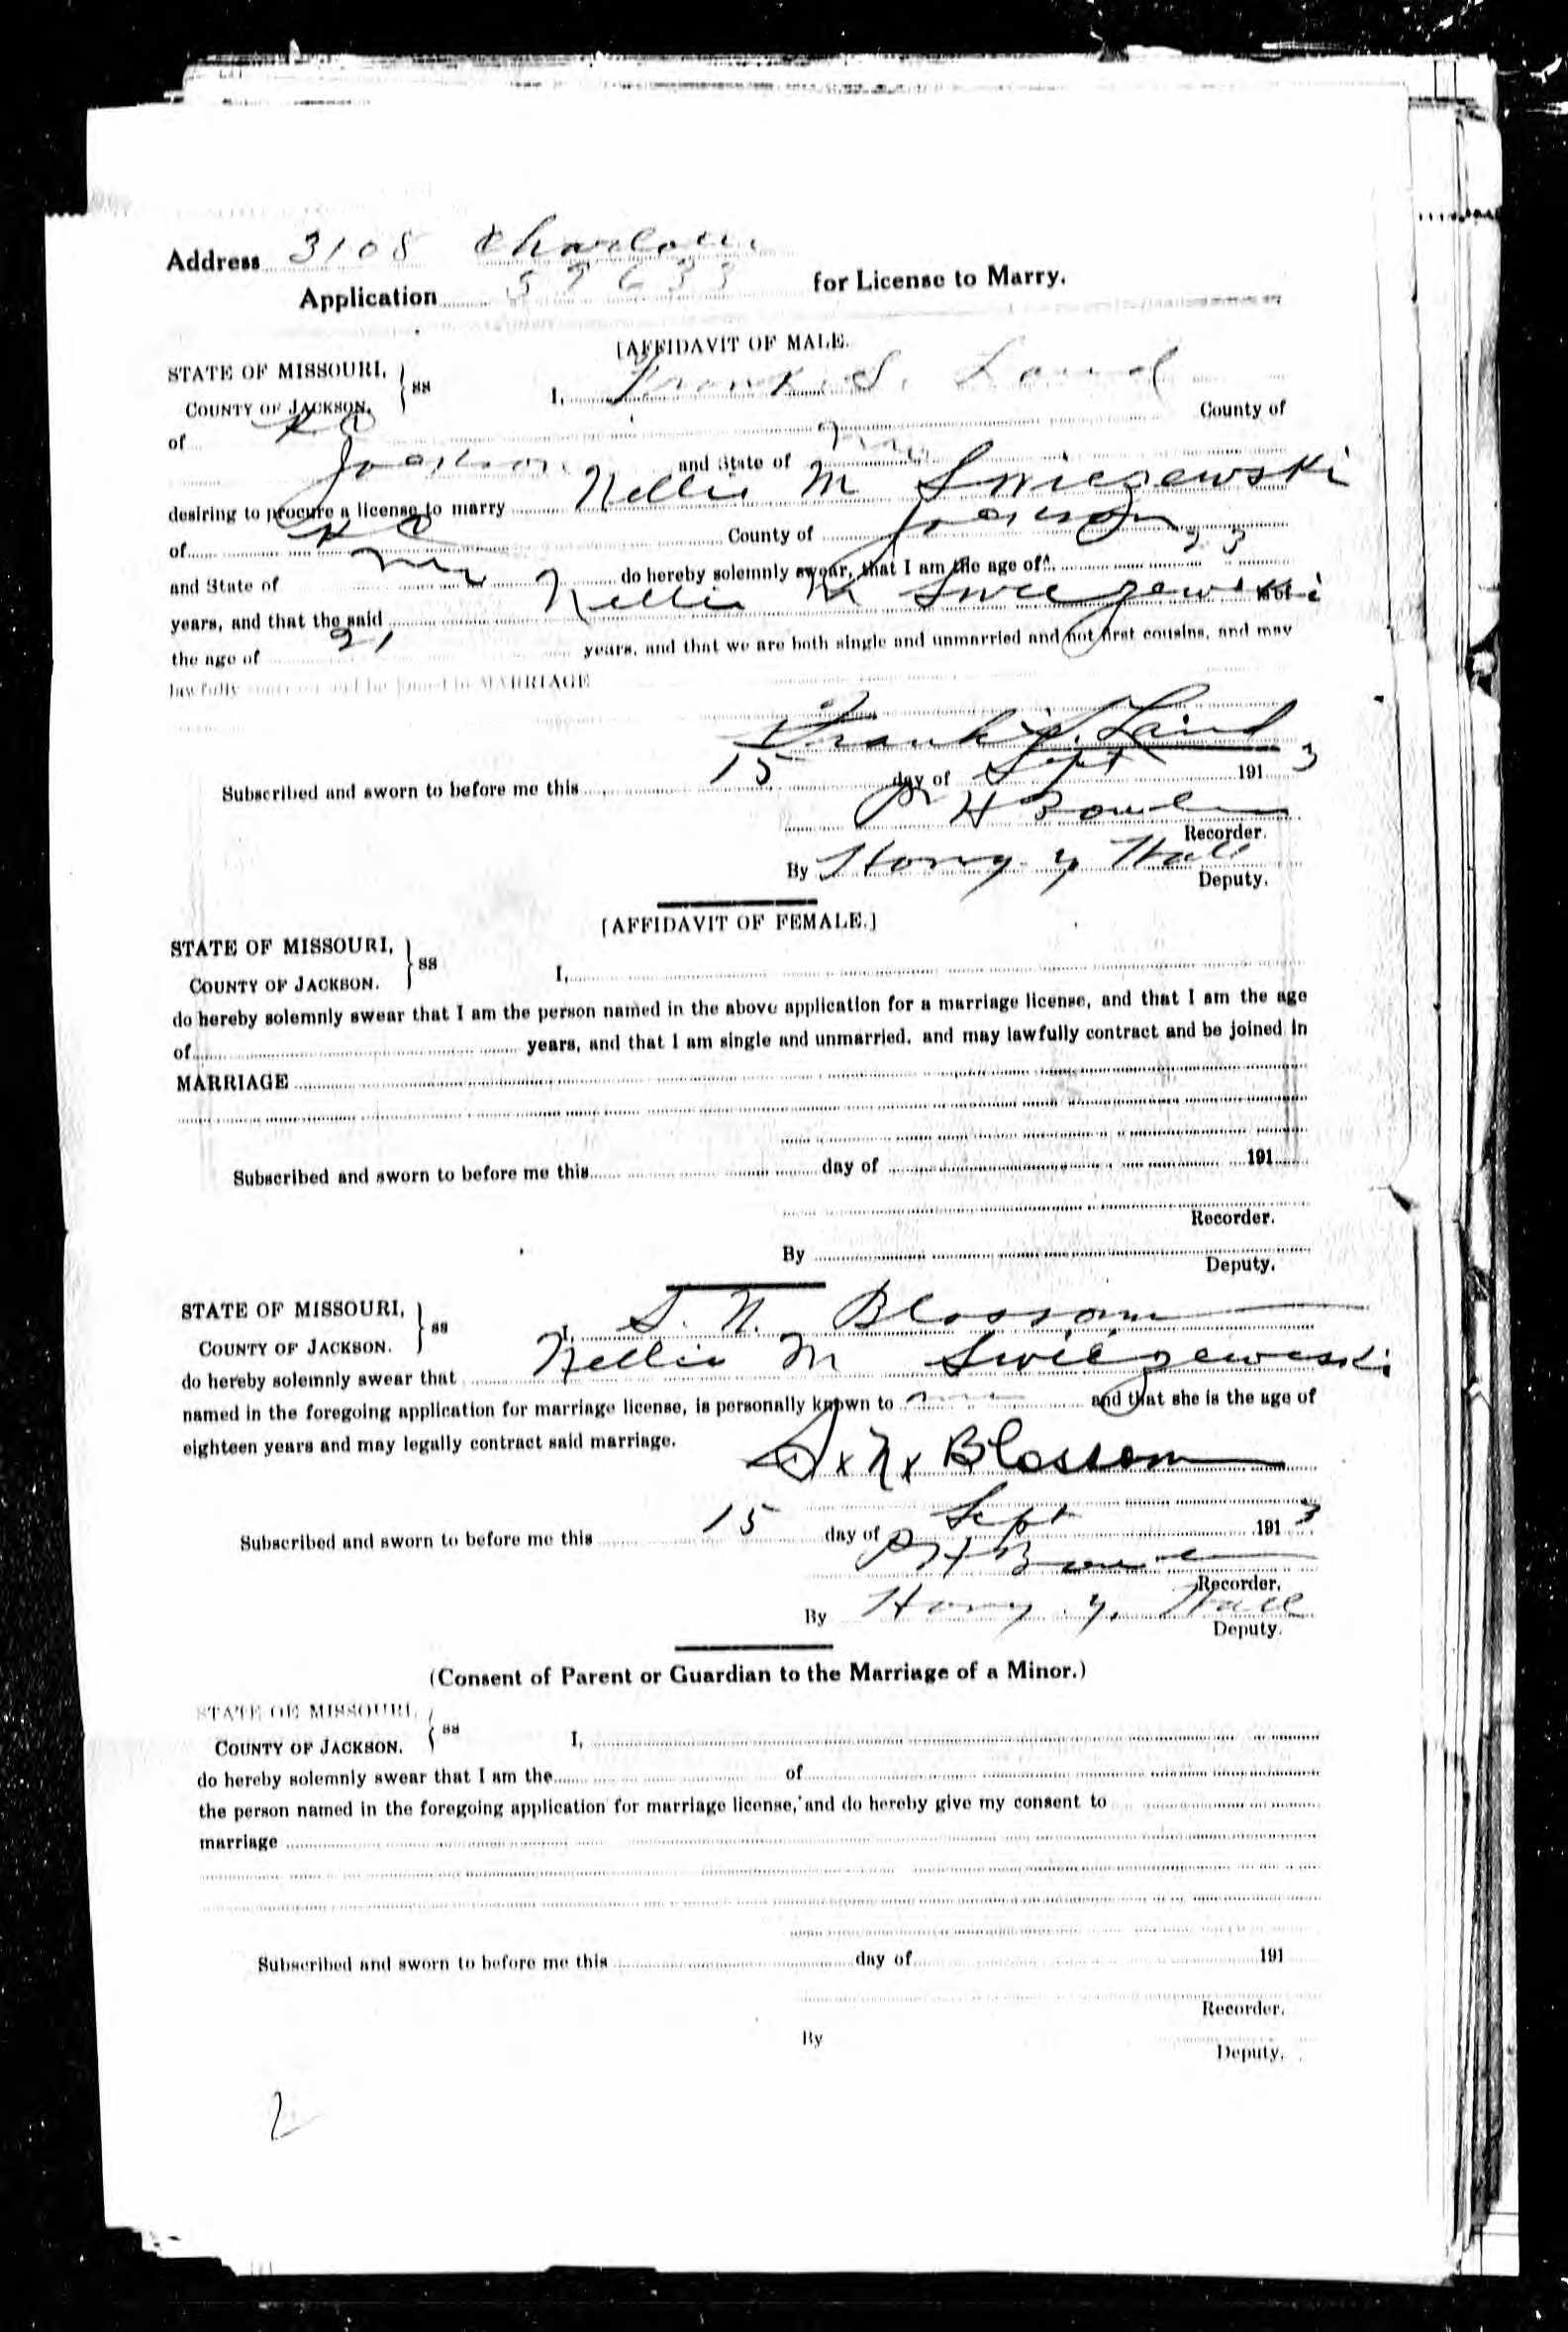 Certificado de Casamento do Tio Land com a Tia Nell Name: Frank S ...